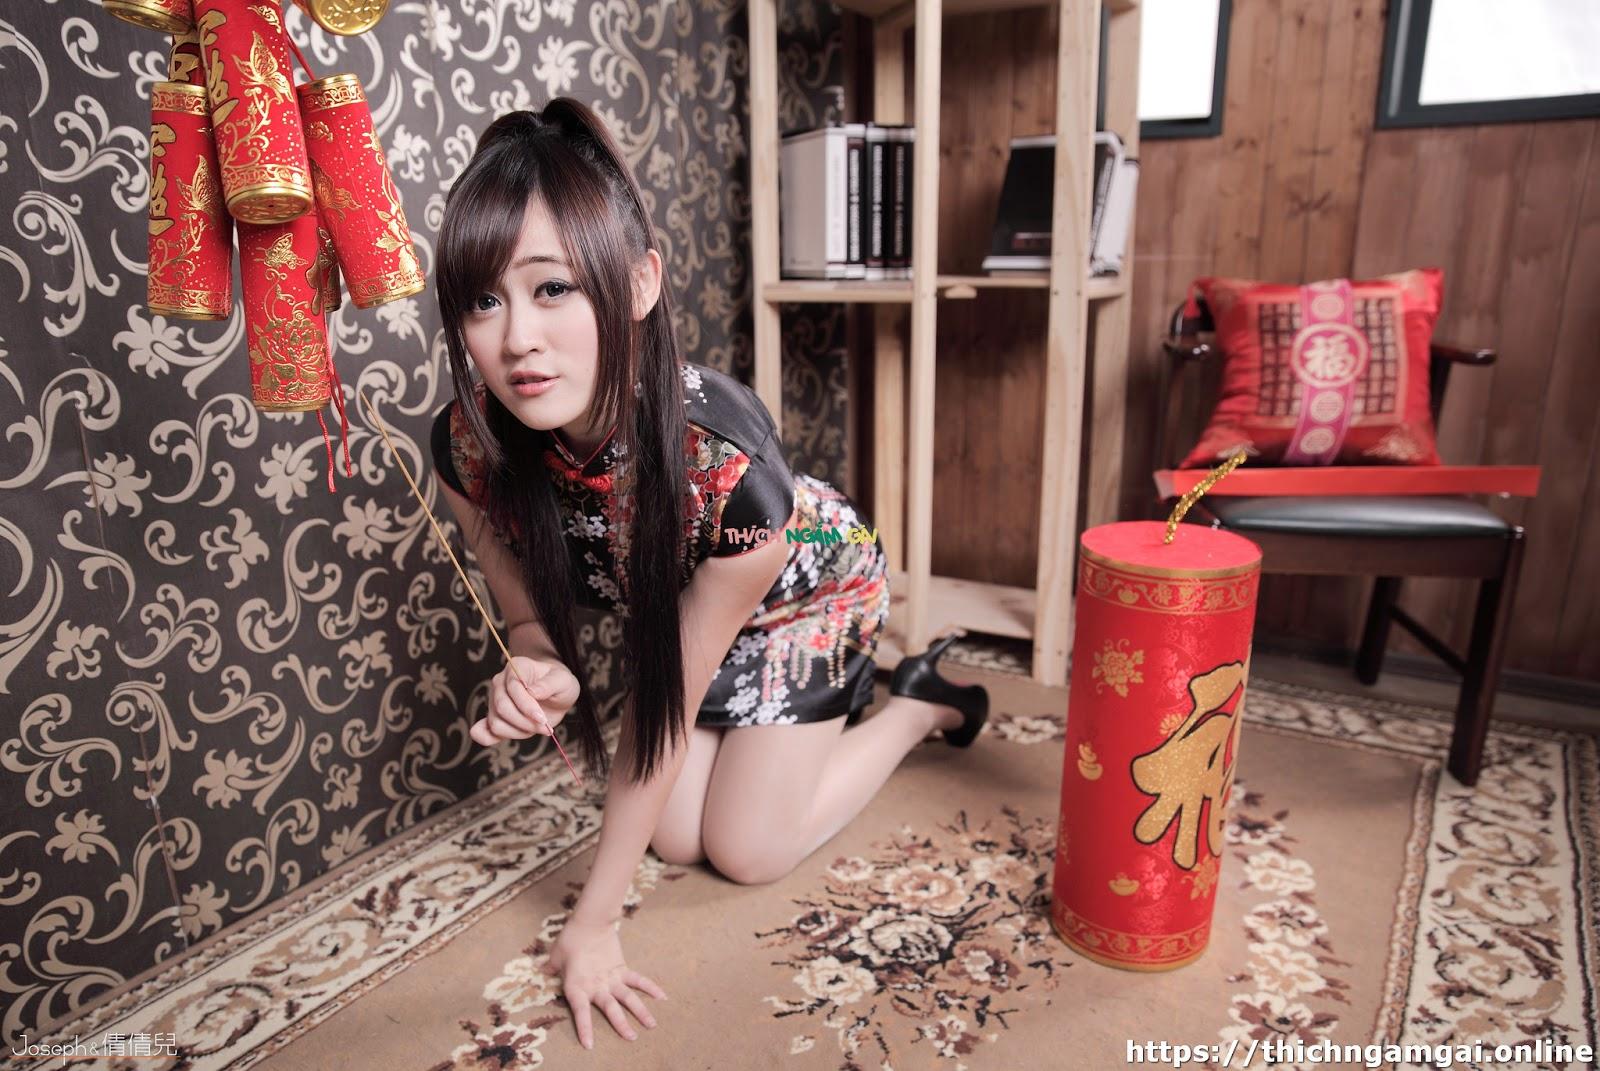 Thích Ngắm Gái 537.%2B_MG_0954%2B%2528Large%2B2048%2529 Tuyển Tập Girls Xinh Việt Nam (Phần 76)